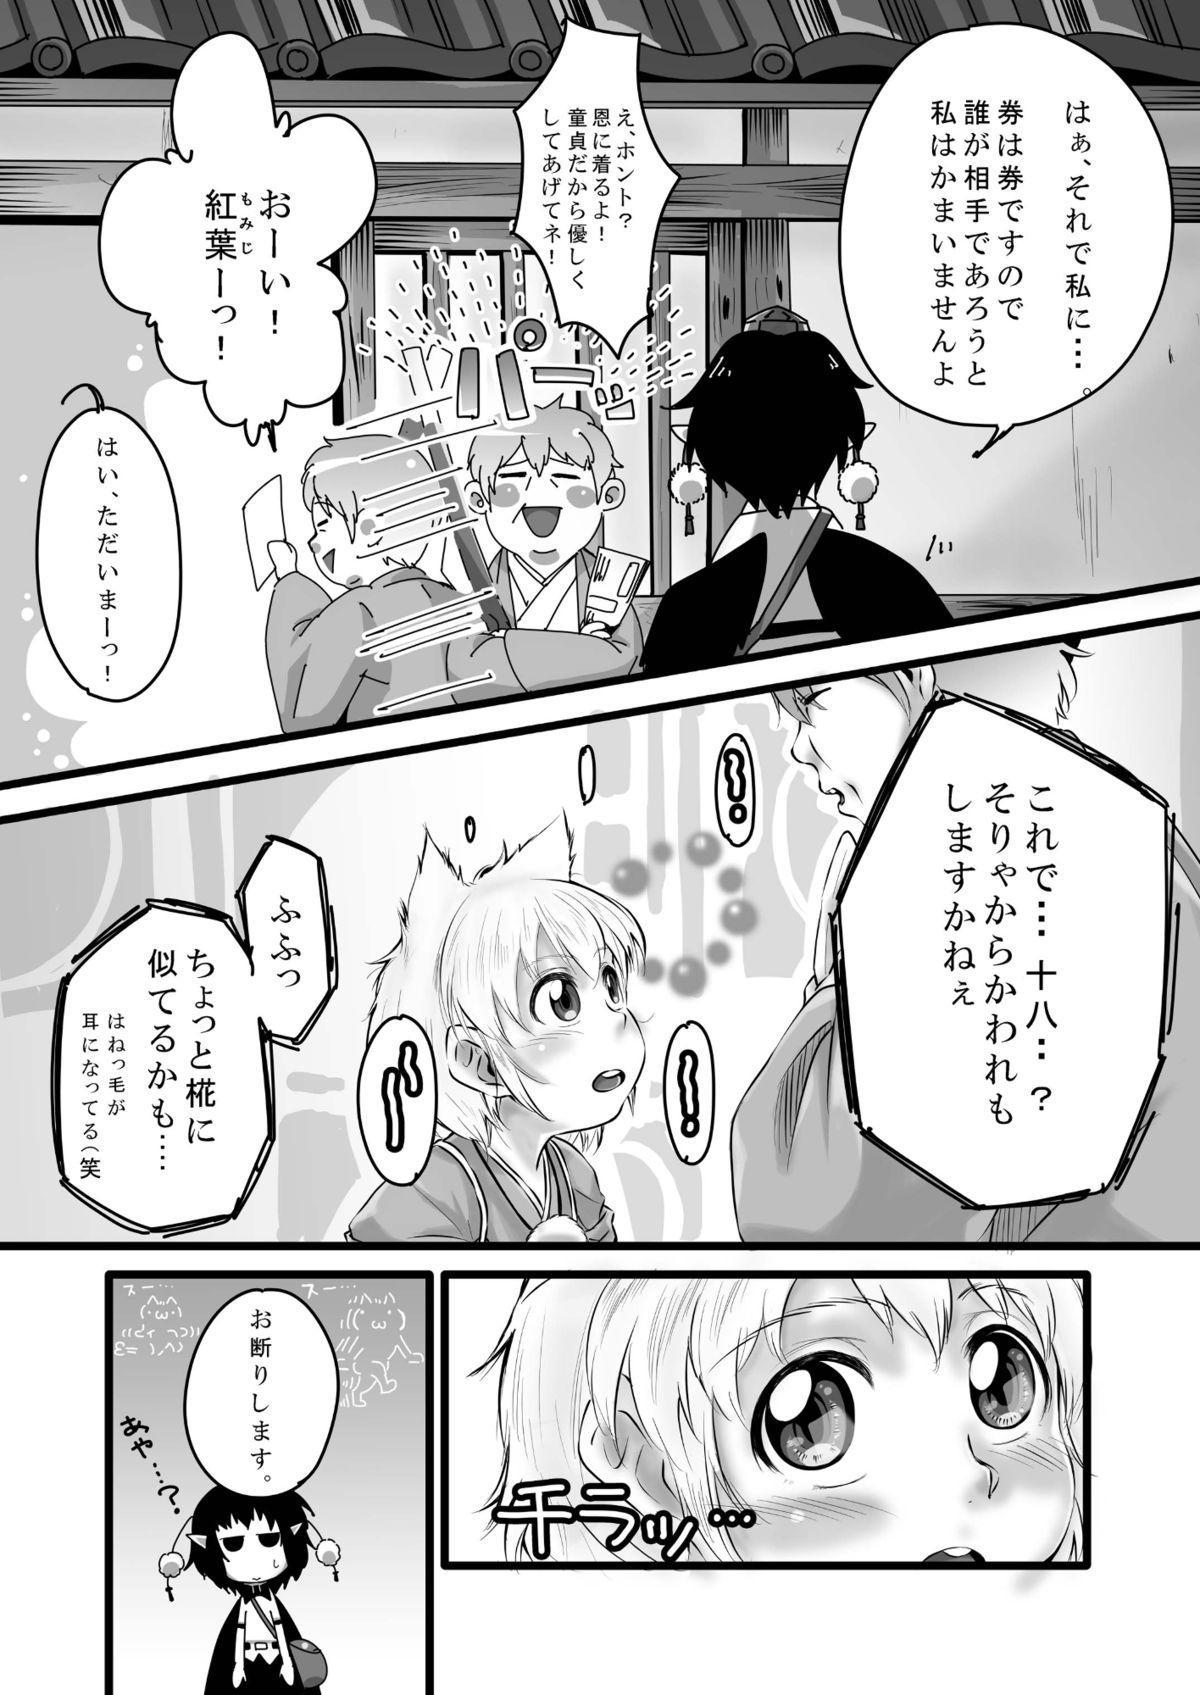 Bitching☆Bunbunmaru 7